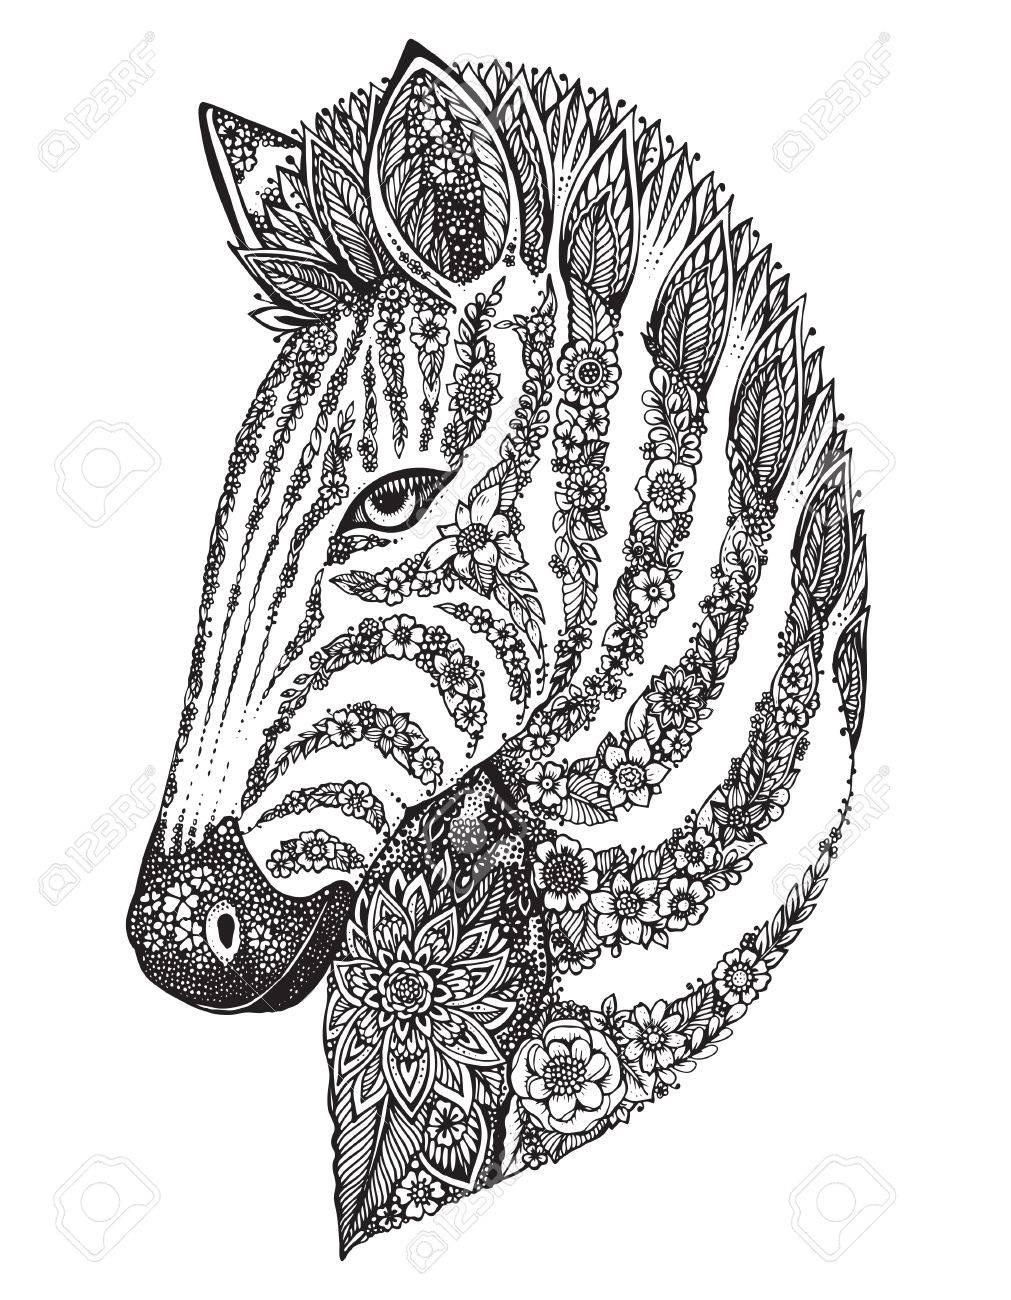 Banque d\u0027images , Hand drawn graphique tête de zèbre orné avec motif floral  ethnique doodle. Vector illustration de livre de coloriage, tatouage,